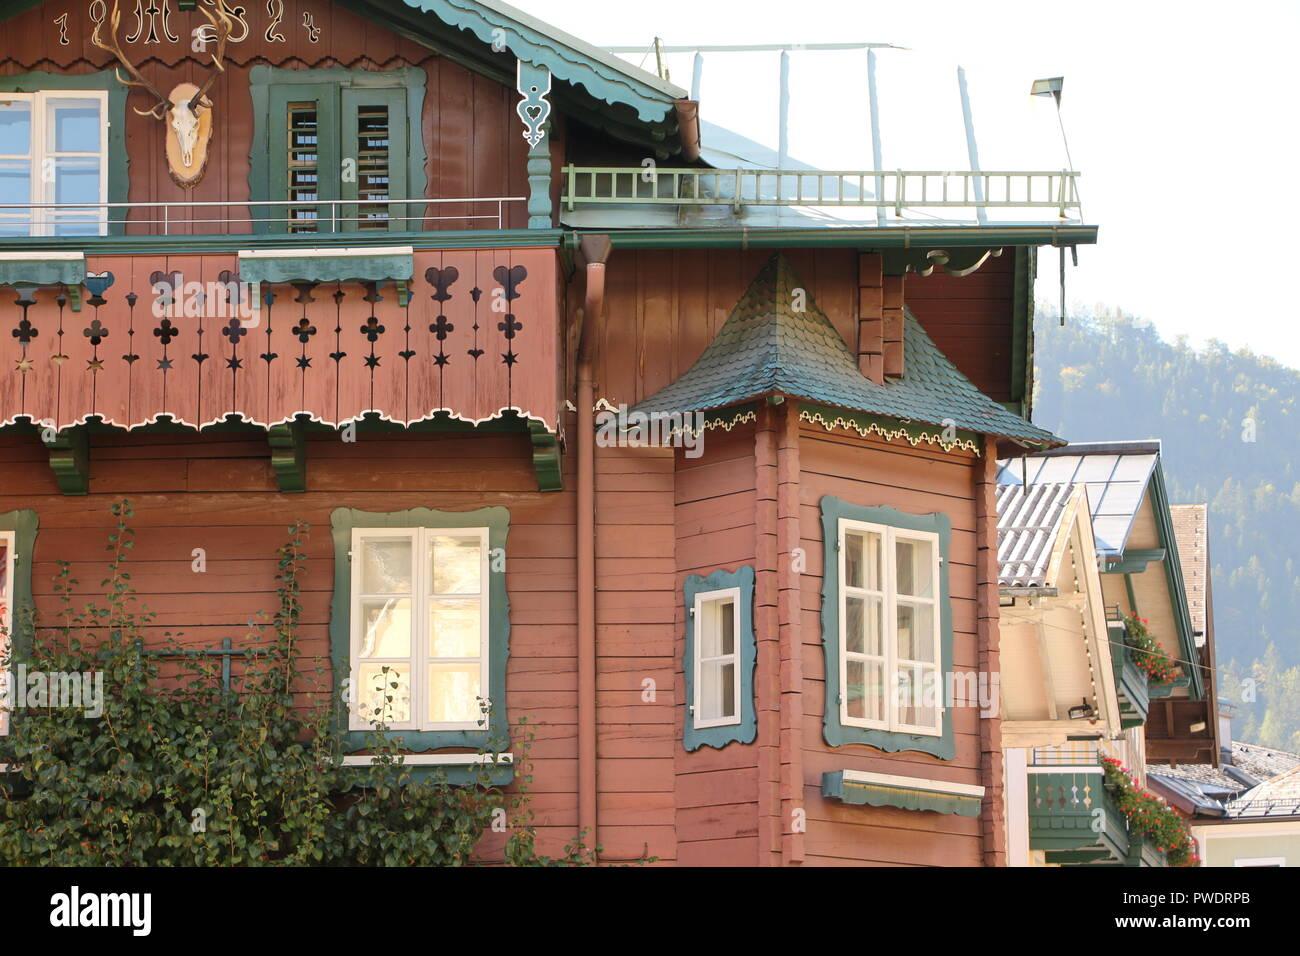 Historisches Gebäude im Zentrum von St. Gilgen am Wolfgangsee - Stock Image